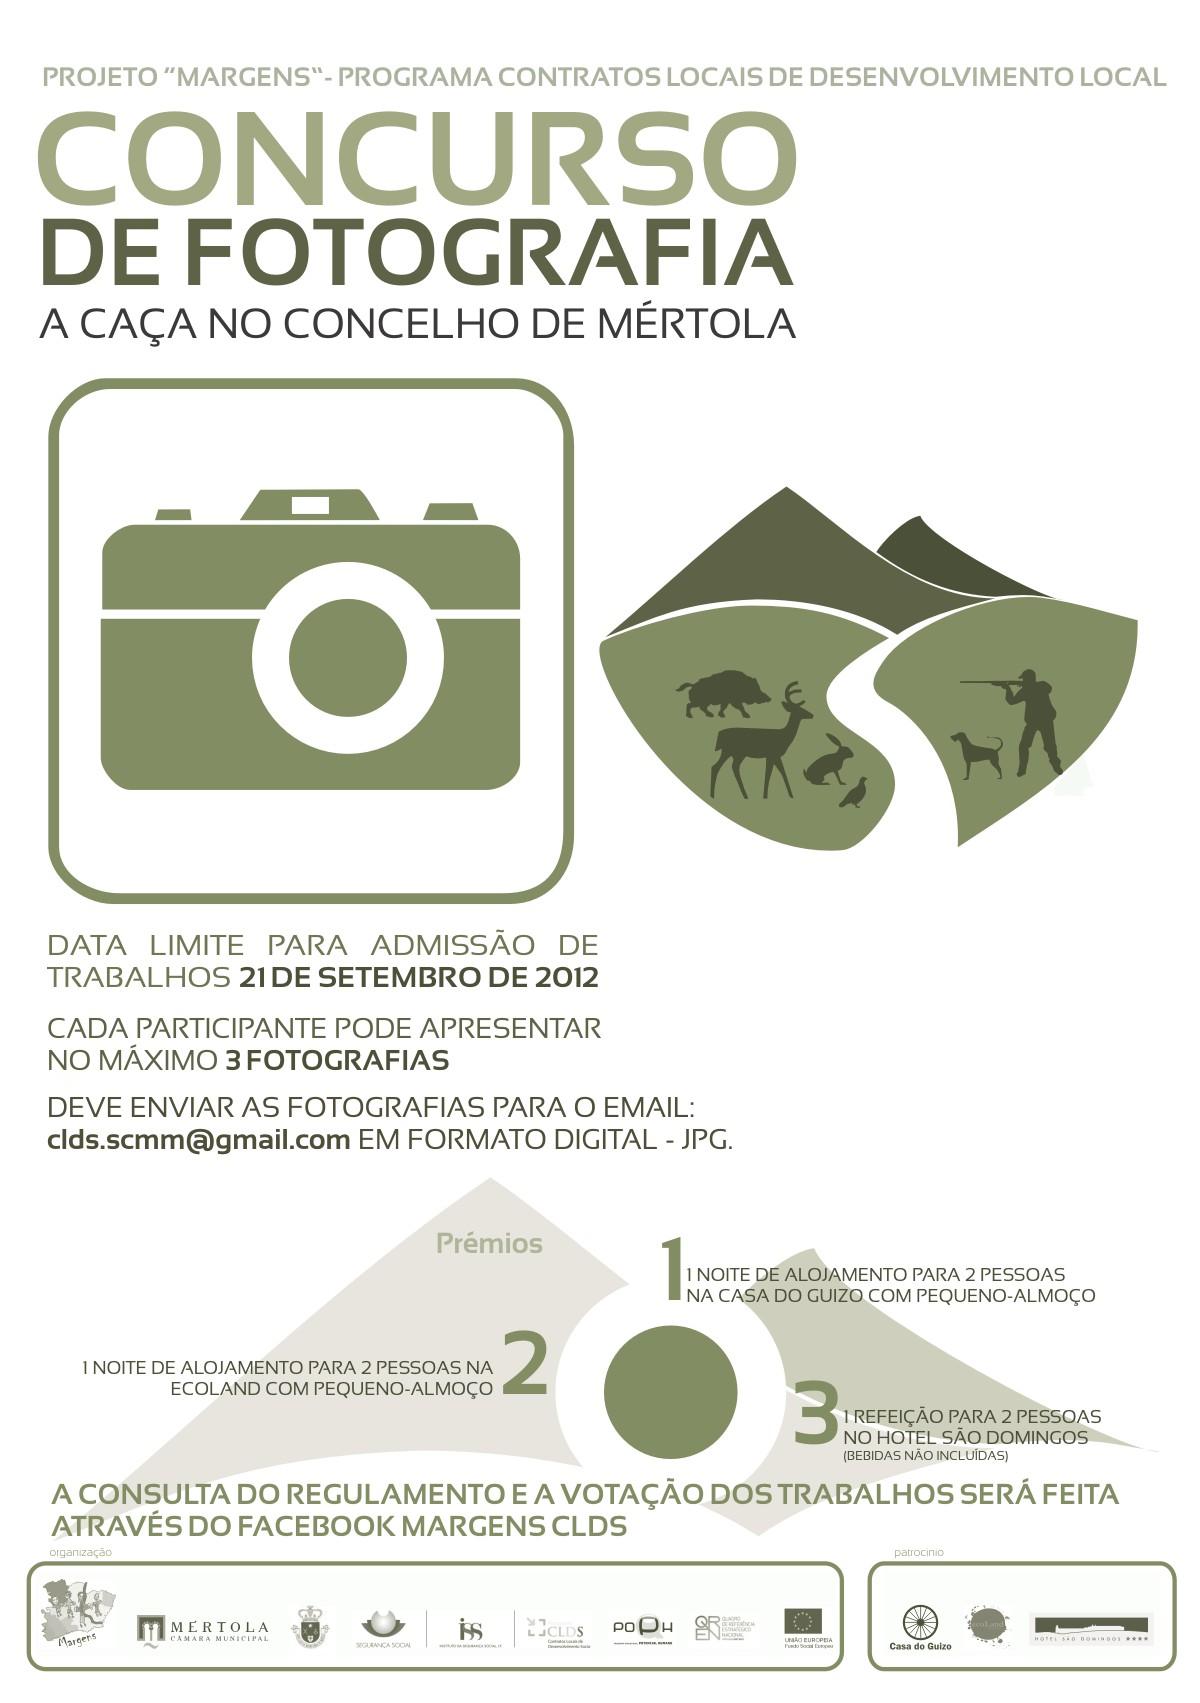 concurso_fotografia_mertola